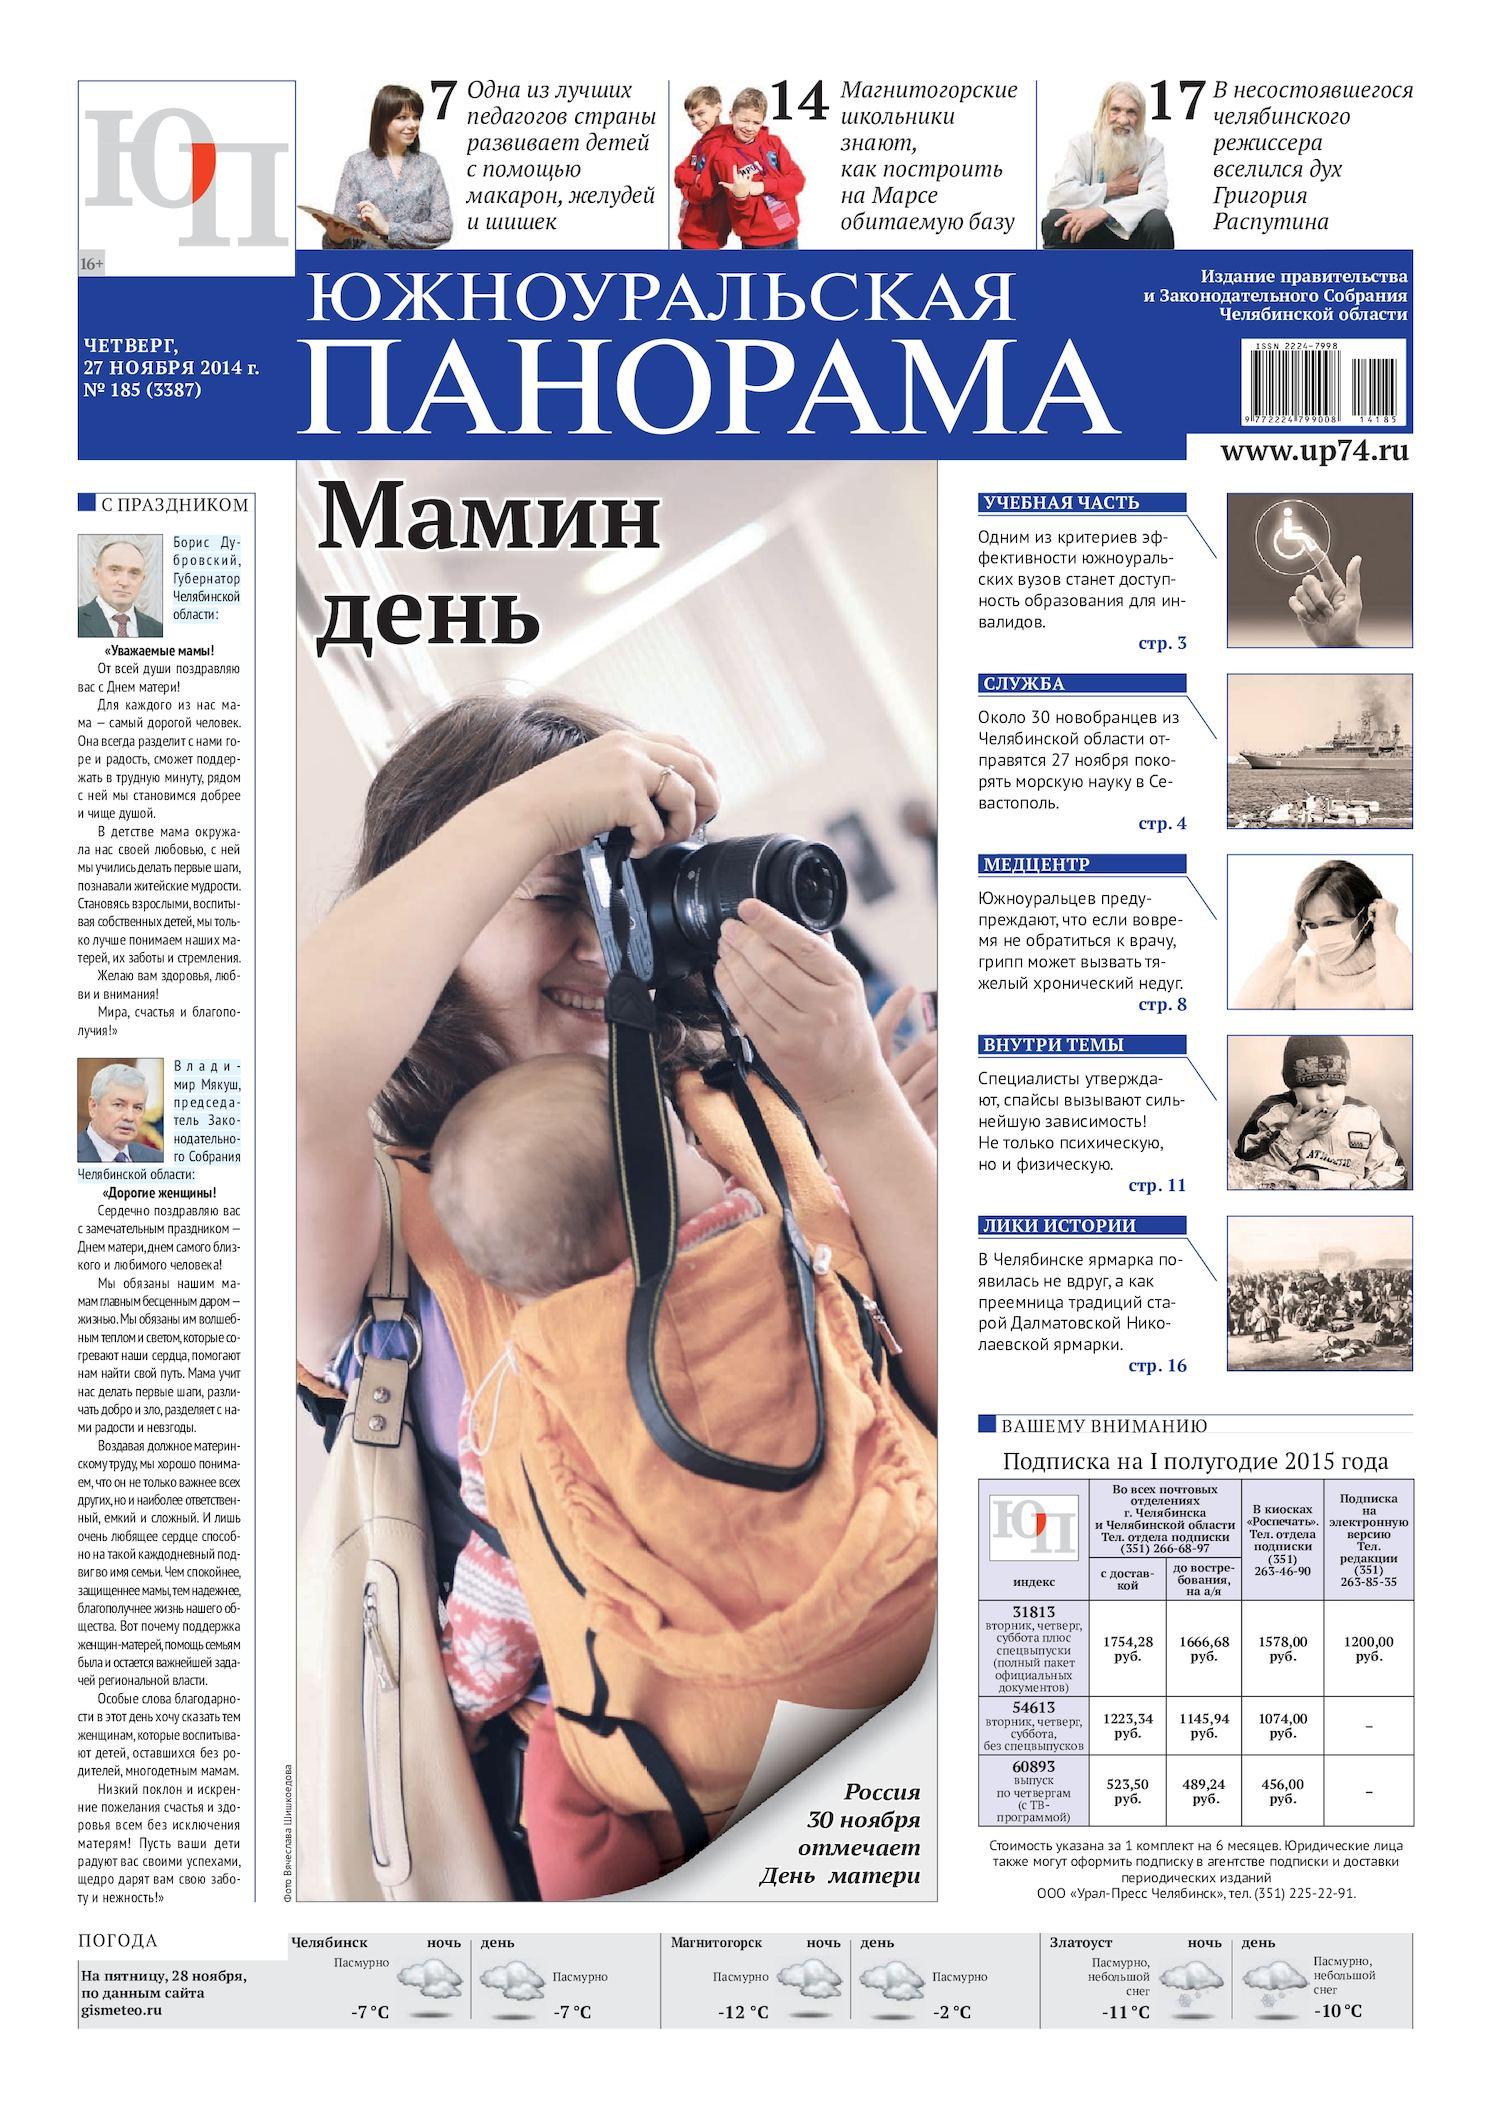 Секс архив с 2007г по 2011г в г орск измена жены